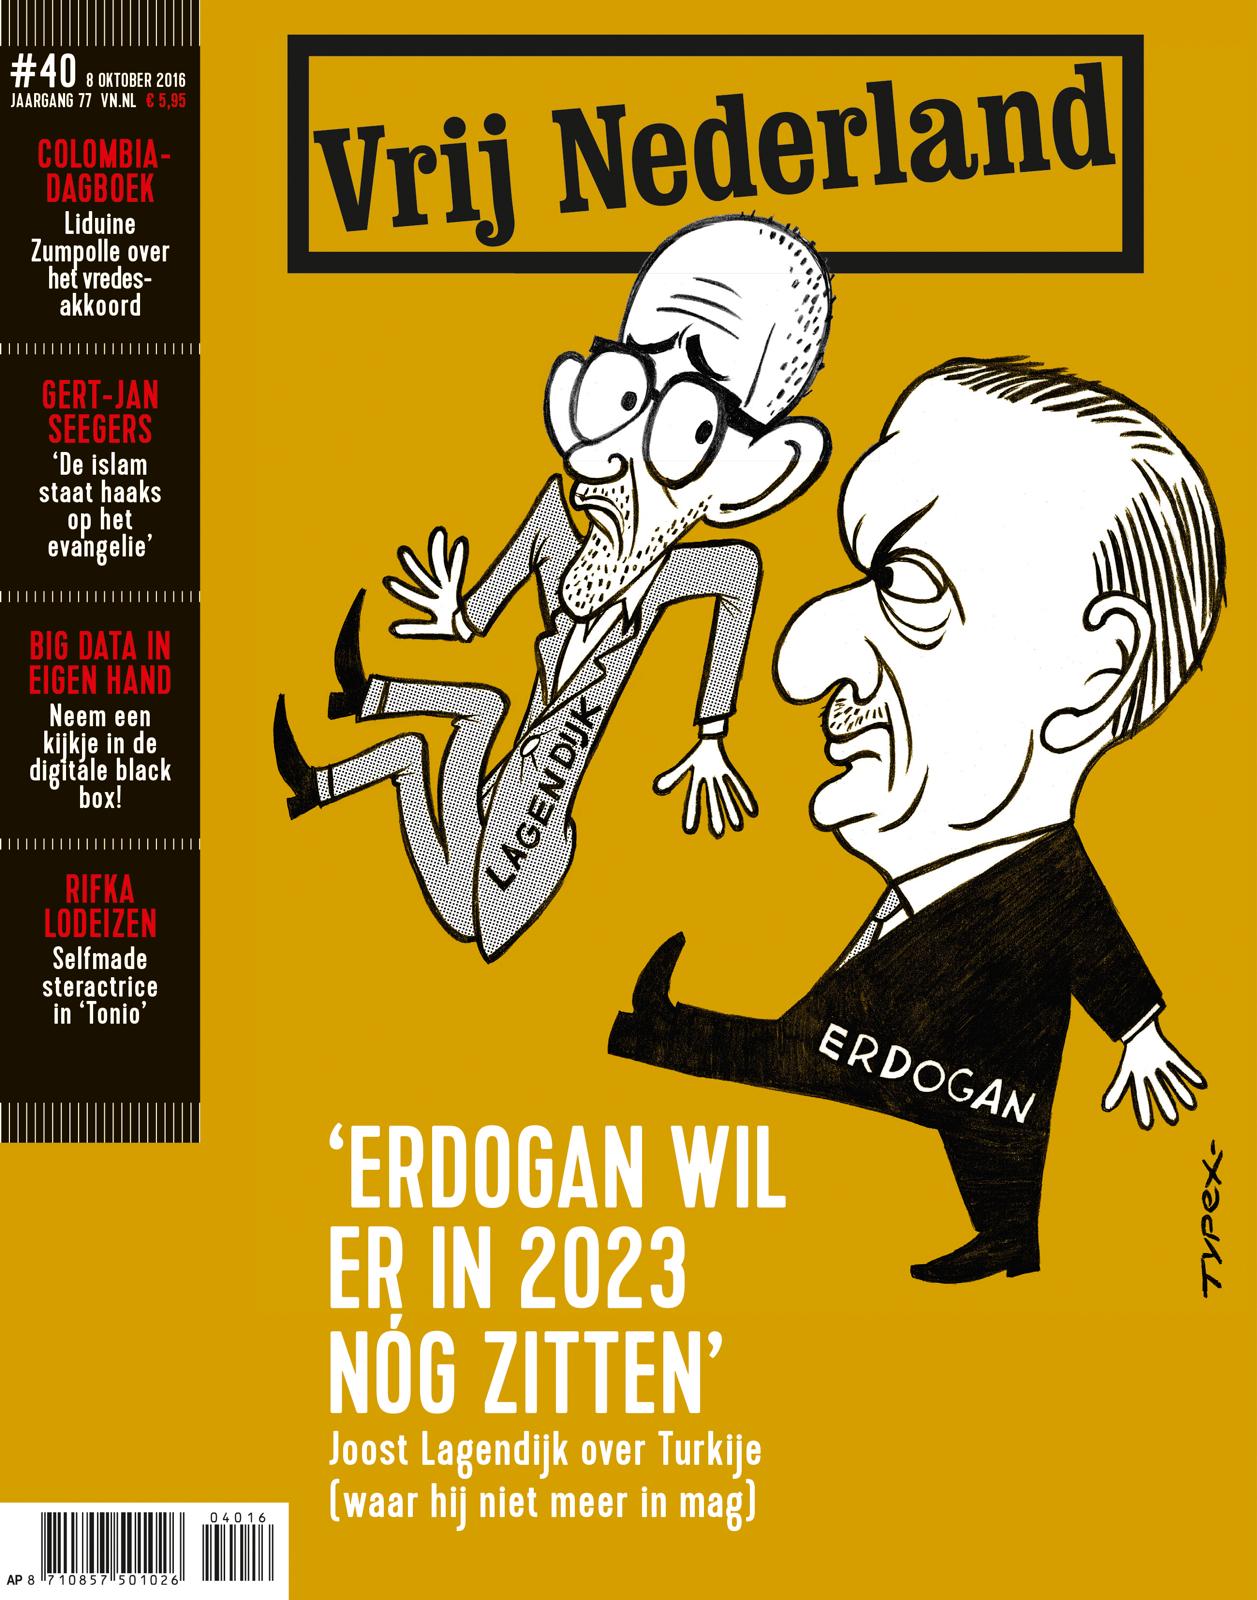 'Erdogan wil er in 2023 nóg zitten'